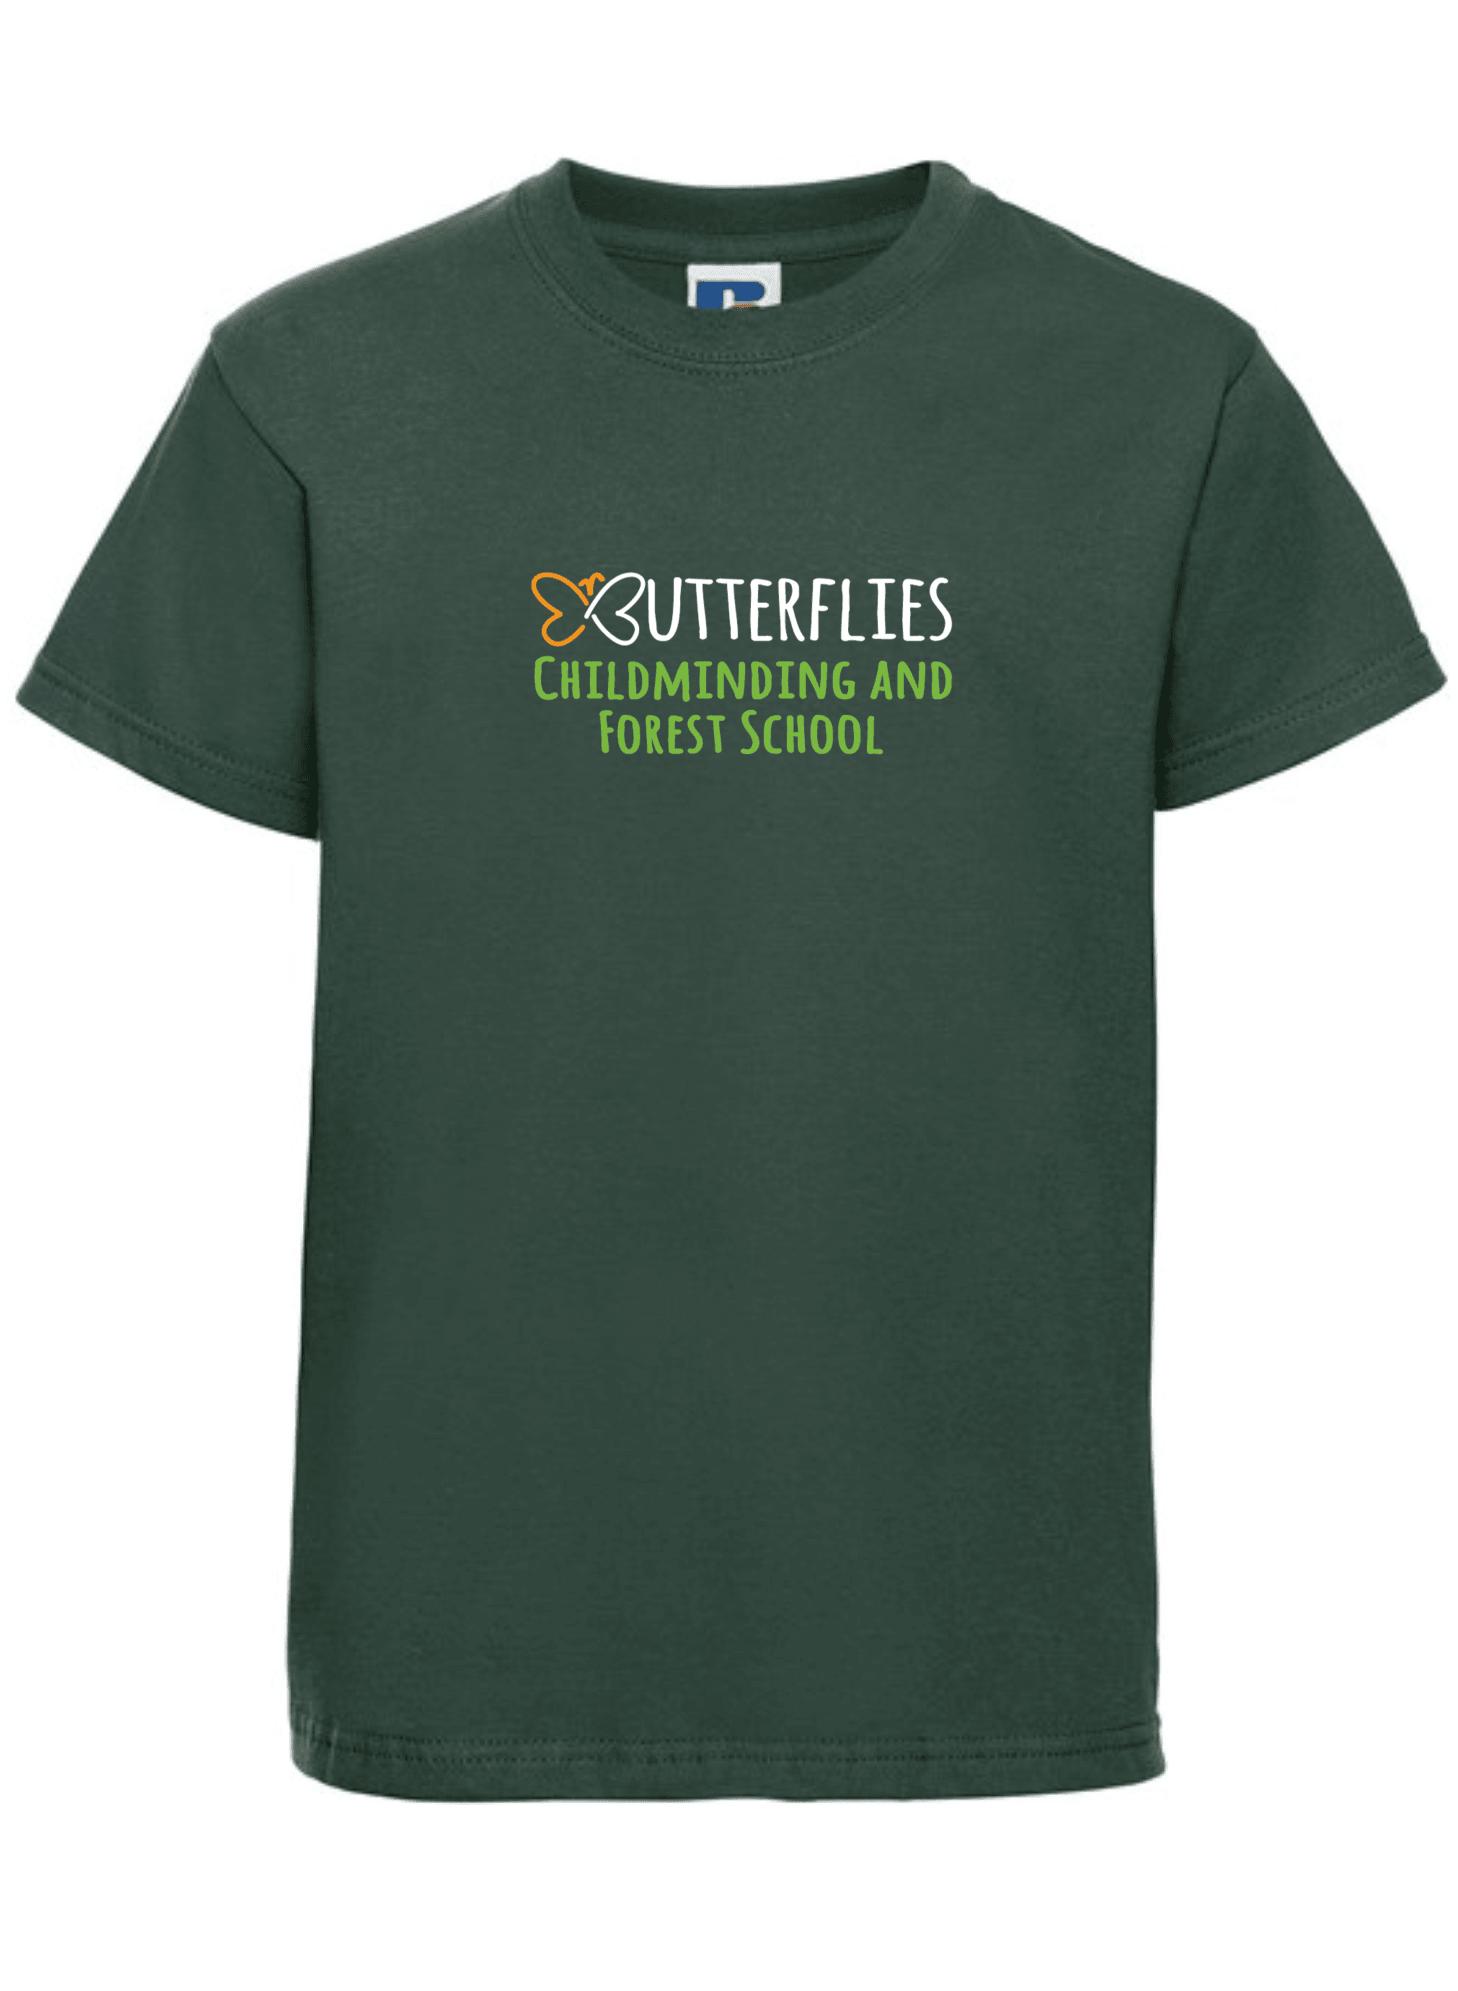 Butterflies- Kids T-Shirt